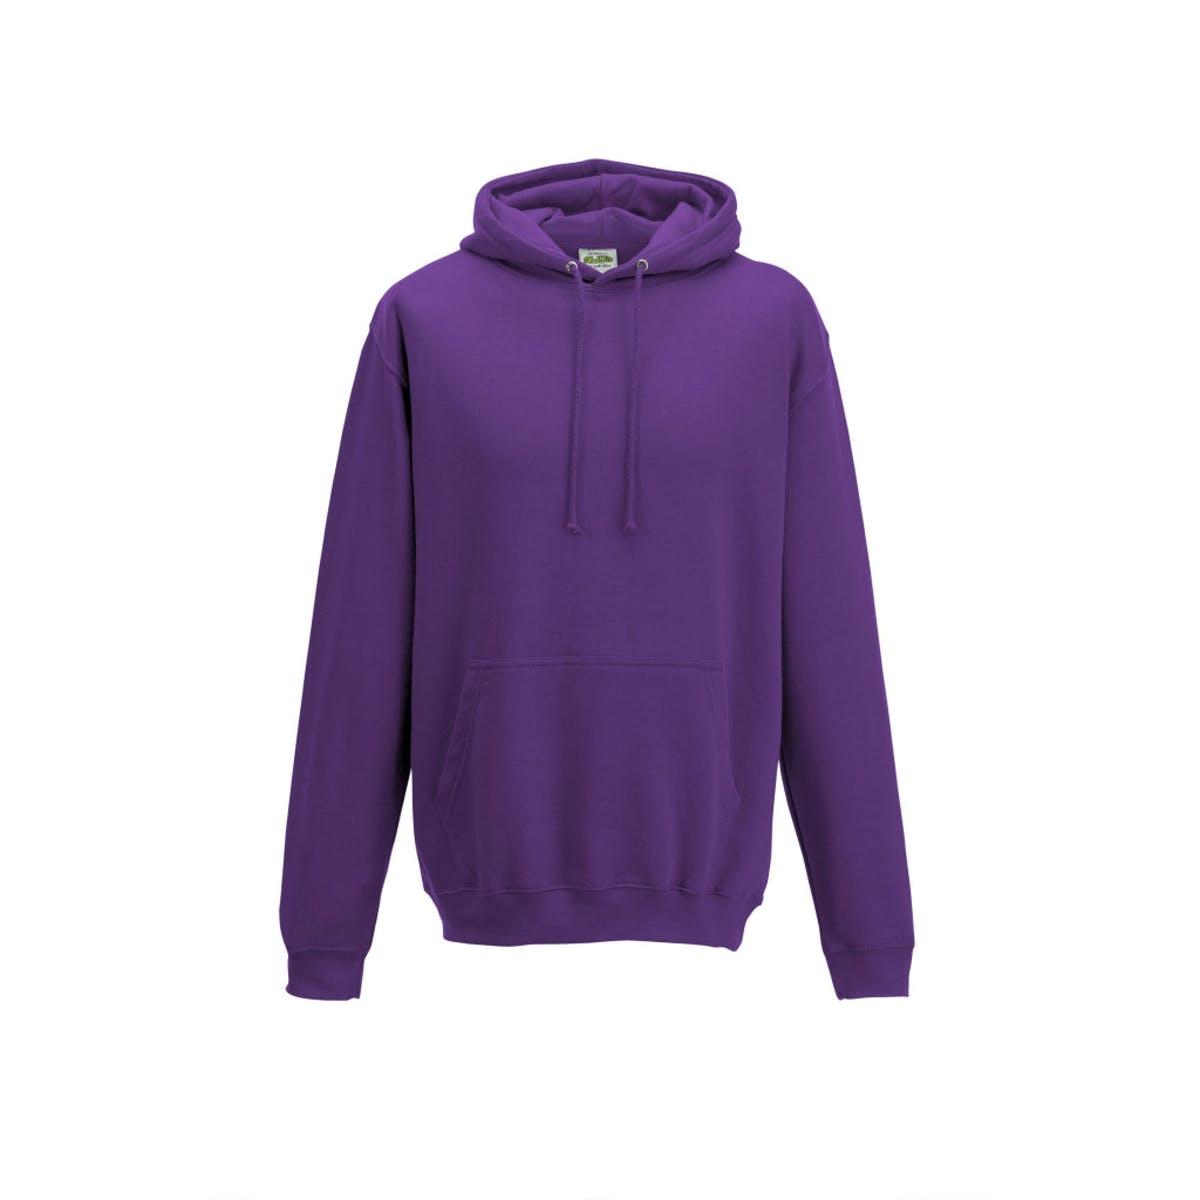 magenta magic college hoodies